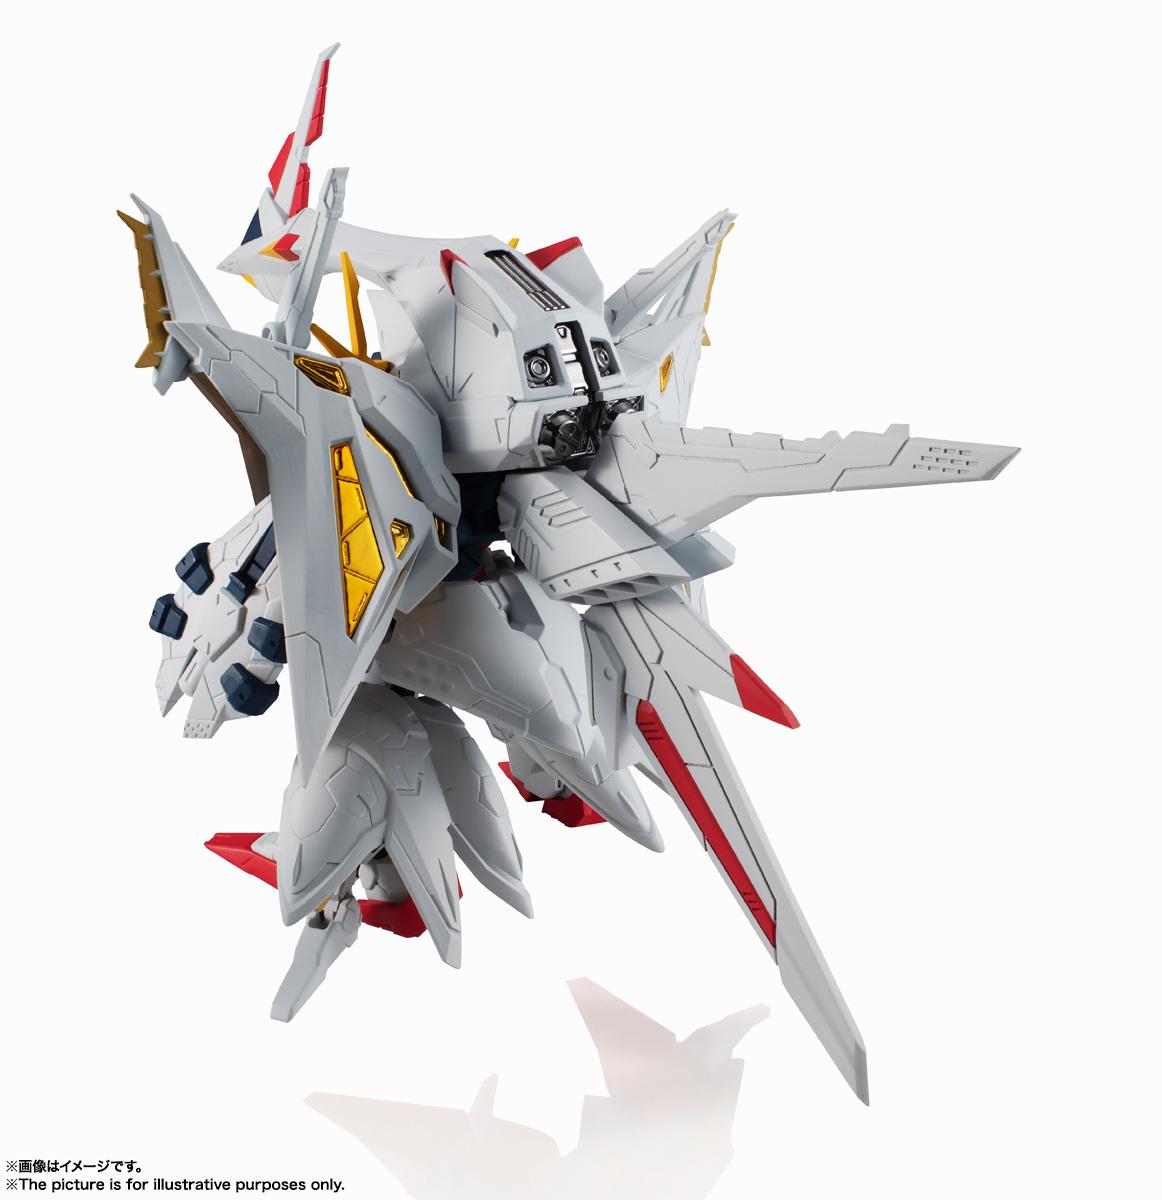 NXEDGE STYLE[MS UNIT]『Ξガンダム』機動戦士ガンダム 閃光のハサウェイ デフォルメ可動フィギュア-014